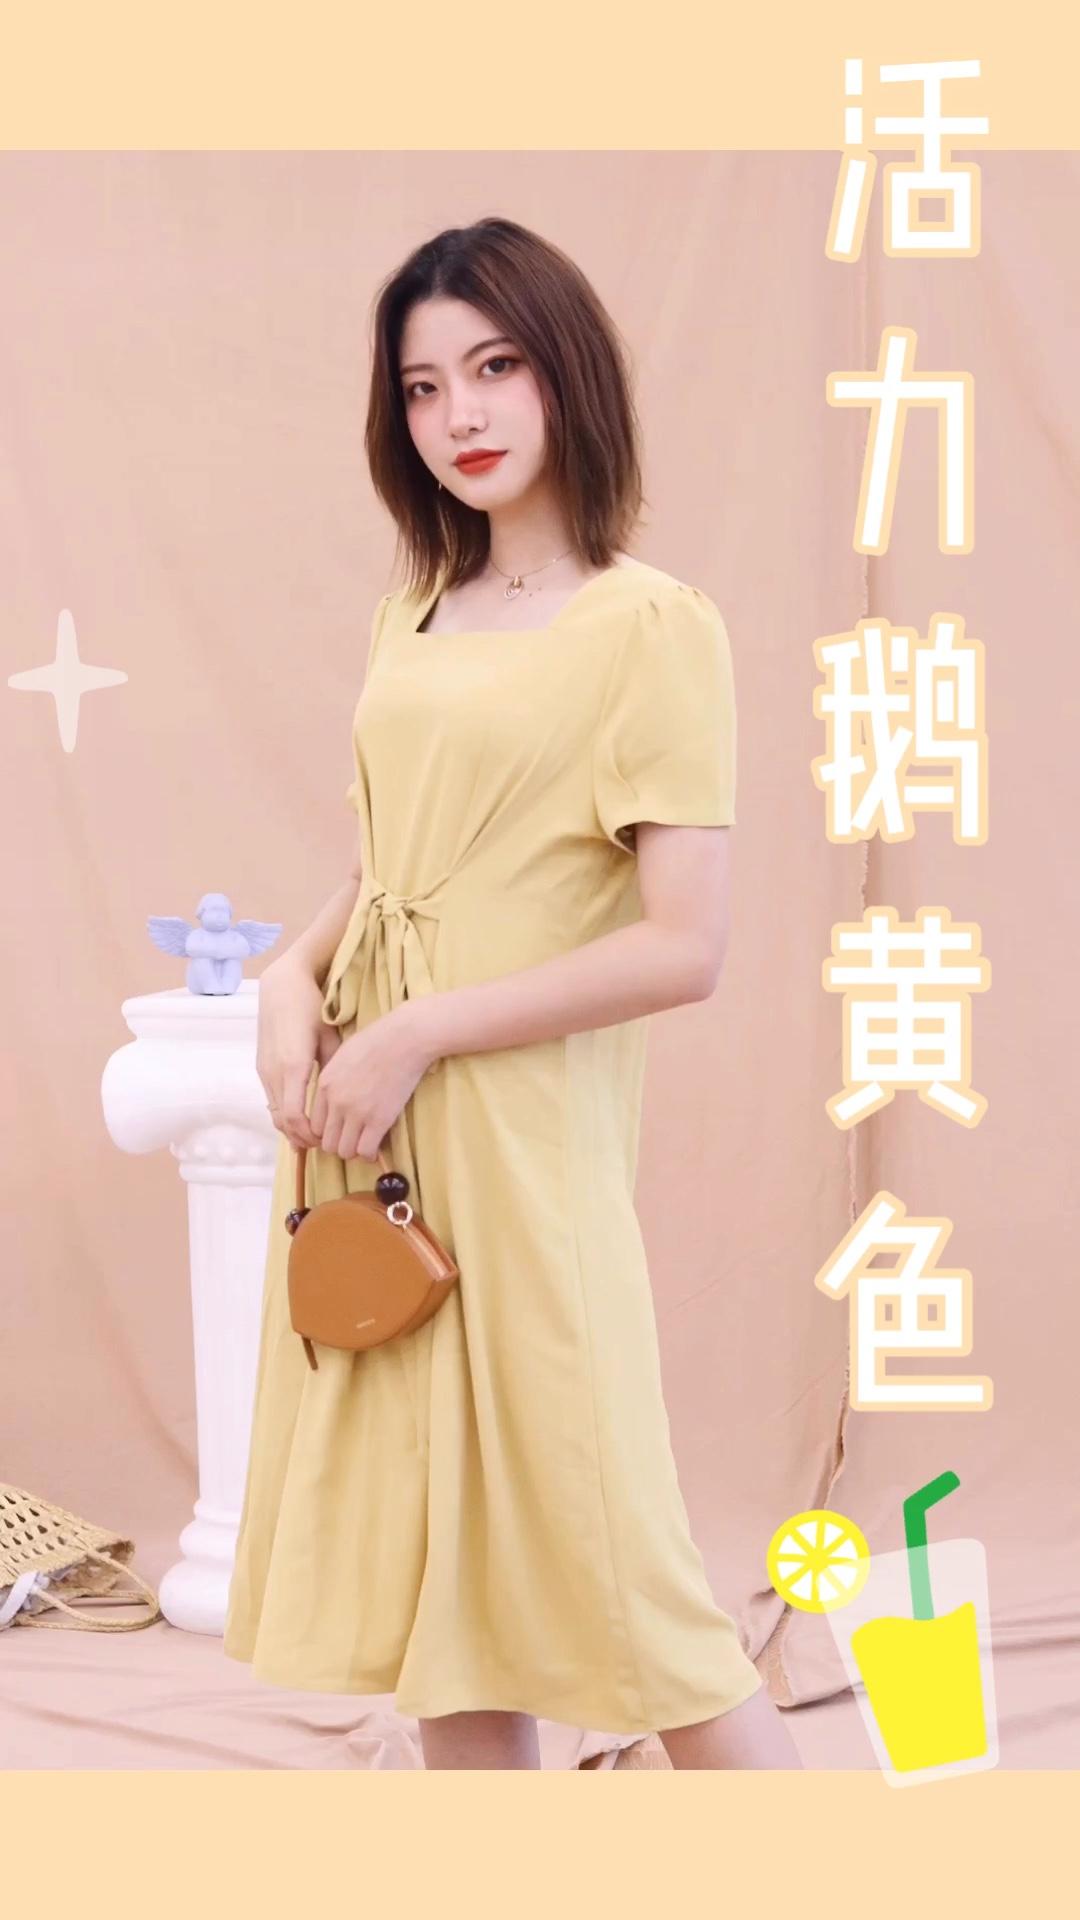 """于时尚而言,除了外在的款式种类之外,其实很多时候色彩也起到了最对性的因素。炎炎夏季,除了清爽的白色之外,温暖柔情的暖色系也是非常不错的选择。 对于女生而言,裙装可绝对是不可缺少的存在。简单的一抹黄色十分舒适大方,领口设计个性感十足。简单大方的款型更多了几分个性与帅气之感。腰间的蝴蝶结点缀,使得整体多了几分甜美风之感。更给整体增加了几分经典风与小清新的韵味。 #这个女生也太""""黄""""了吧!#"""